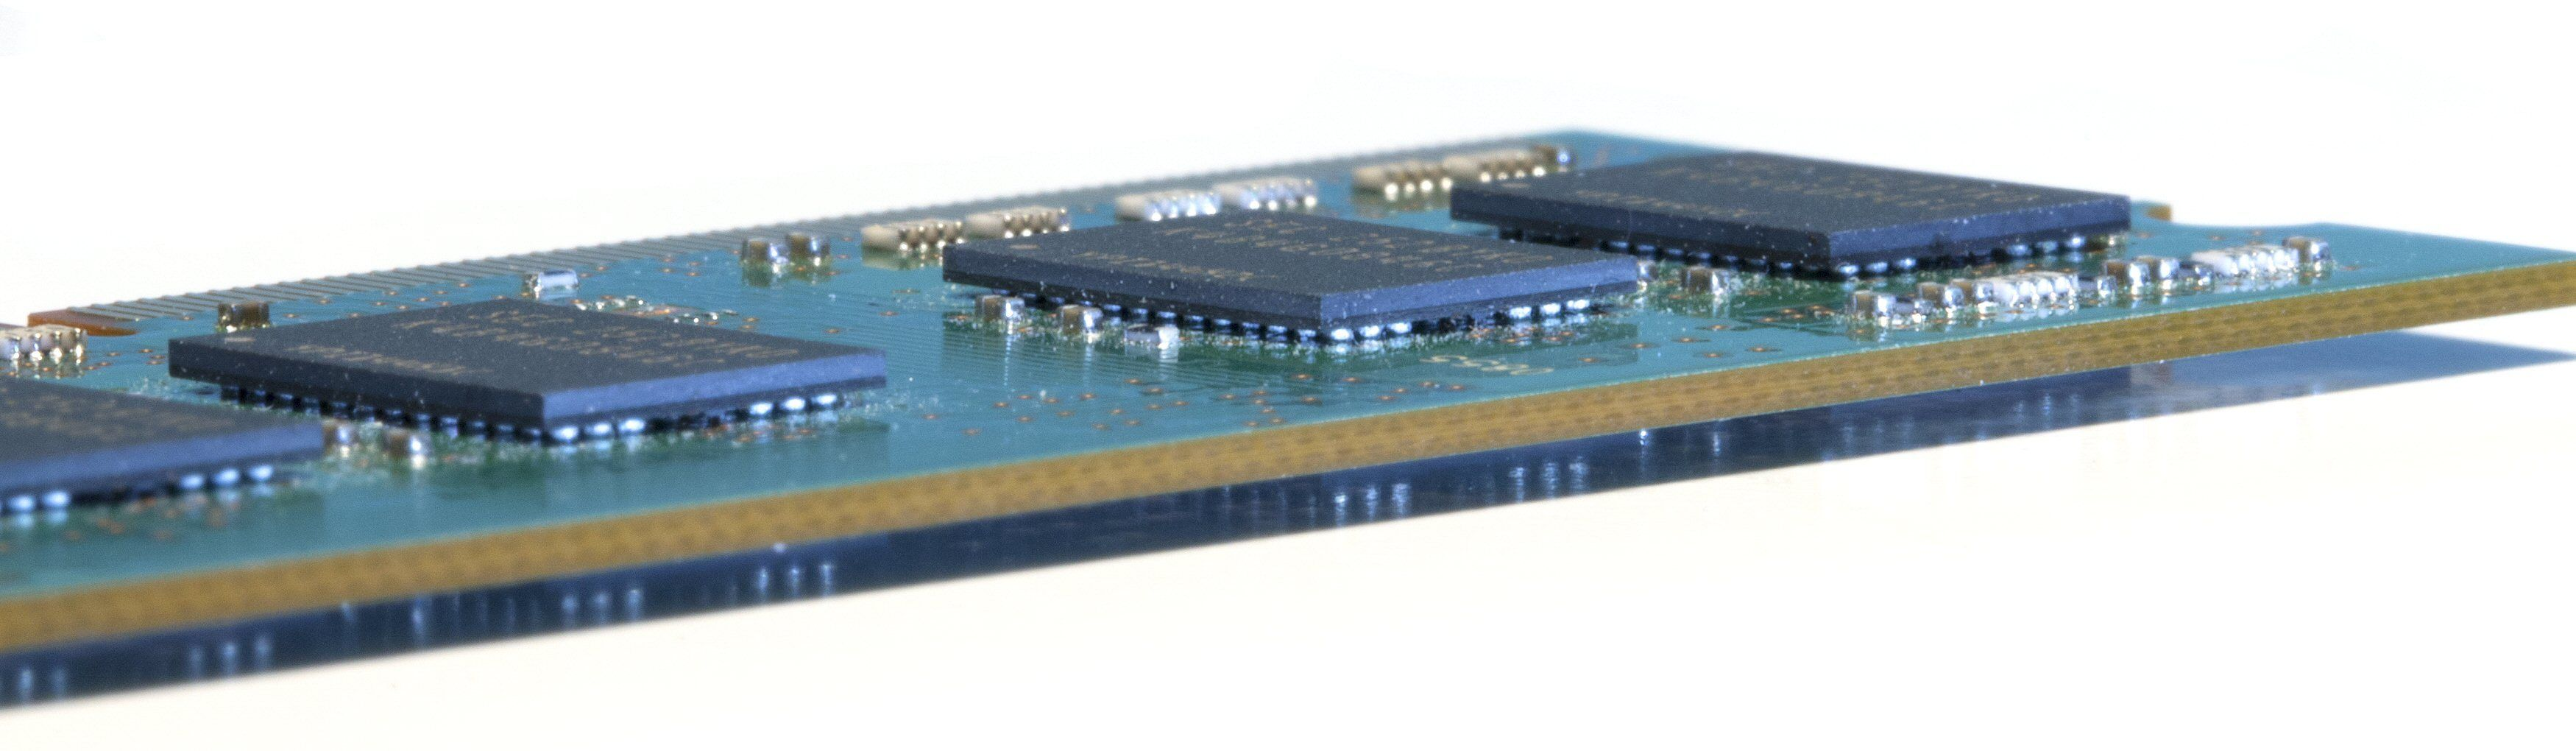 De litt runde kontaktfestene mellom RAM-brikkene og minnemodulen er typisk for BGA.